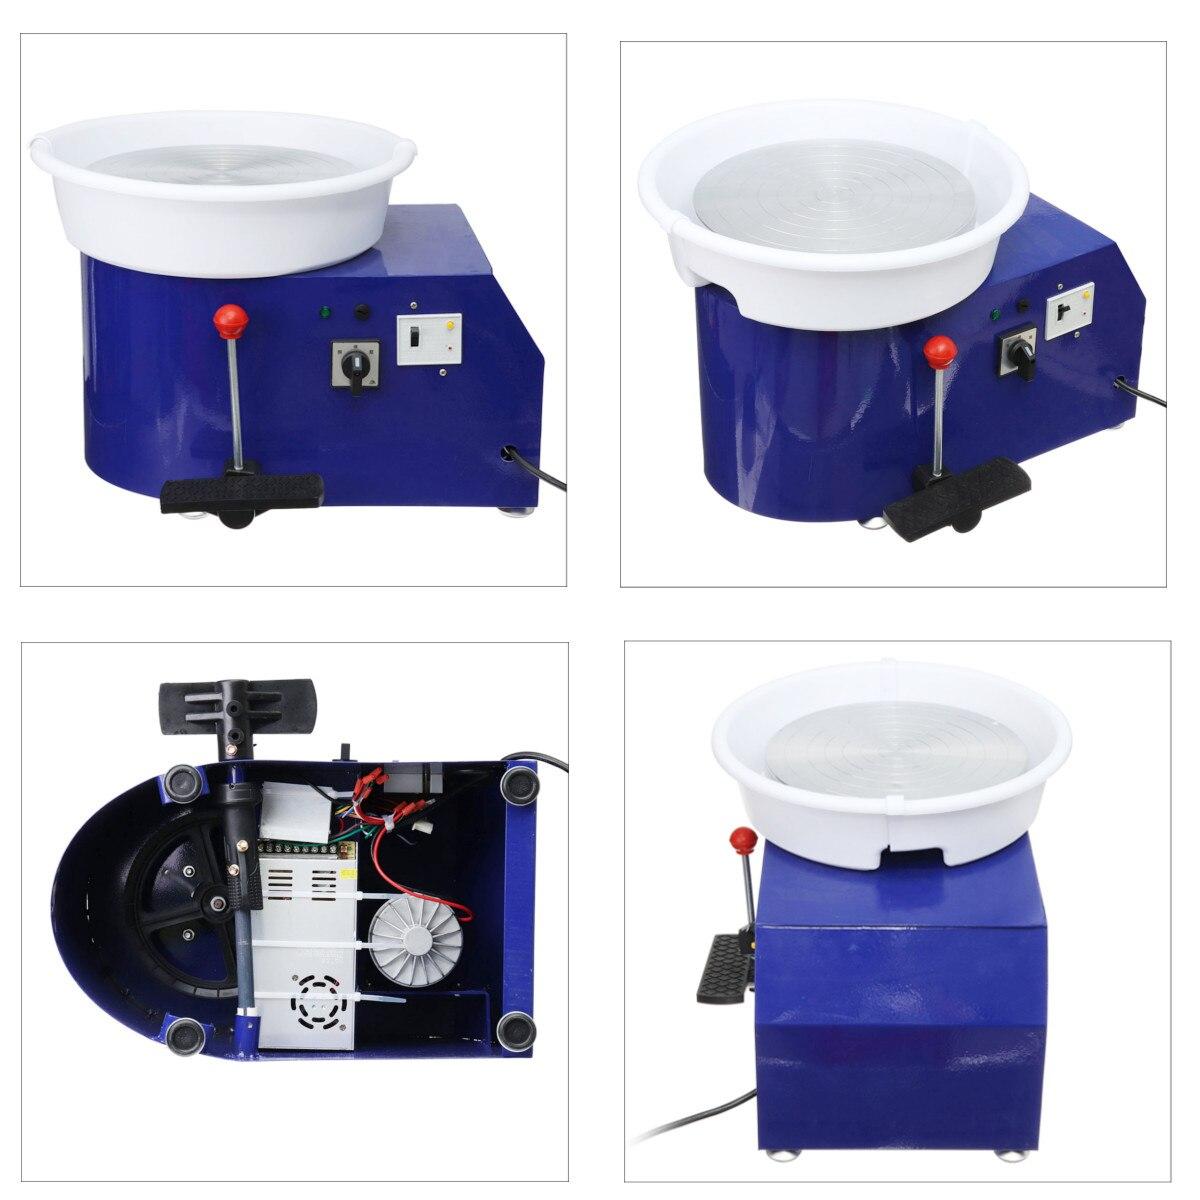 Tournant la Machine en céramique de roue de poterie électrique 220V 550W 300mm Kit de potier en céramique d'argile pour la céramique de travail en céramique - 3